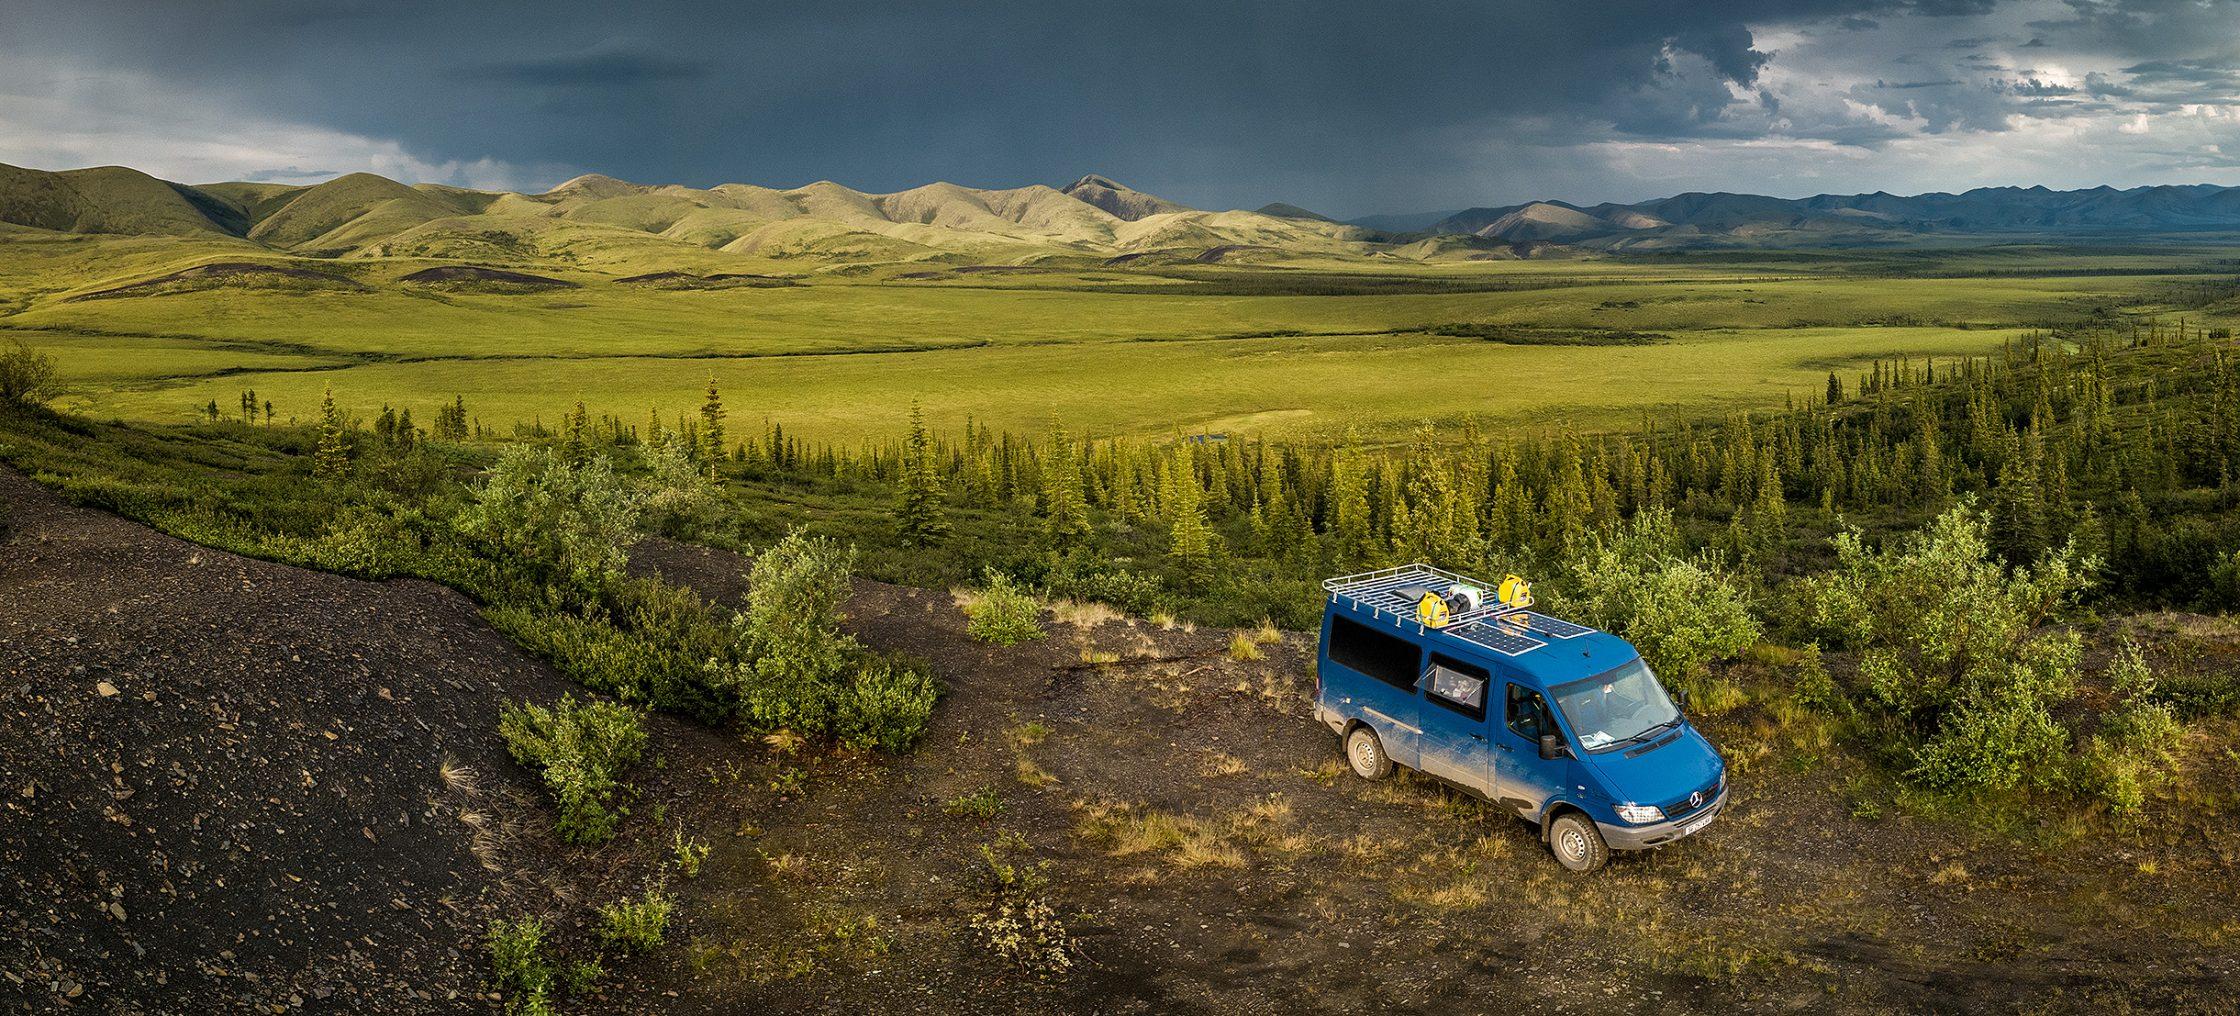 panamerica alaska bus amerika camper scaled